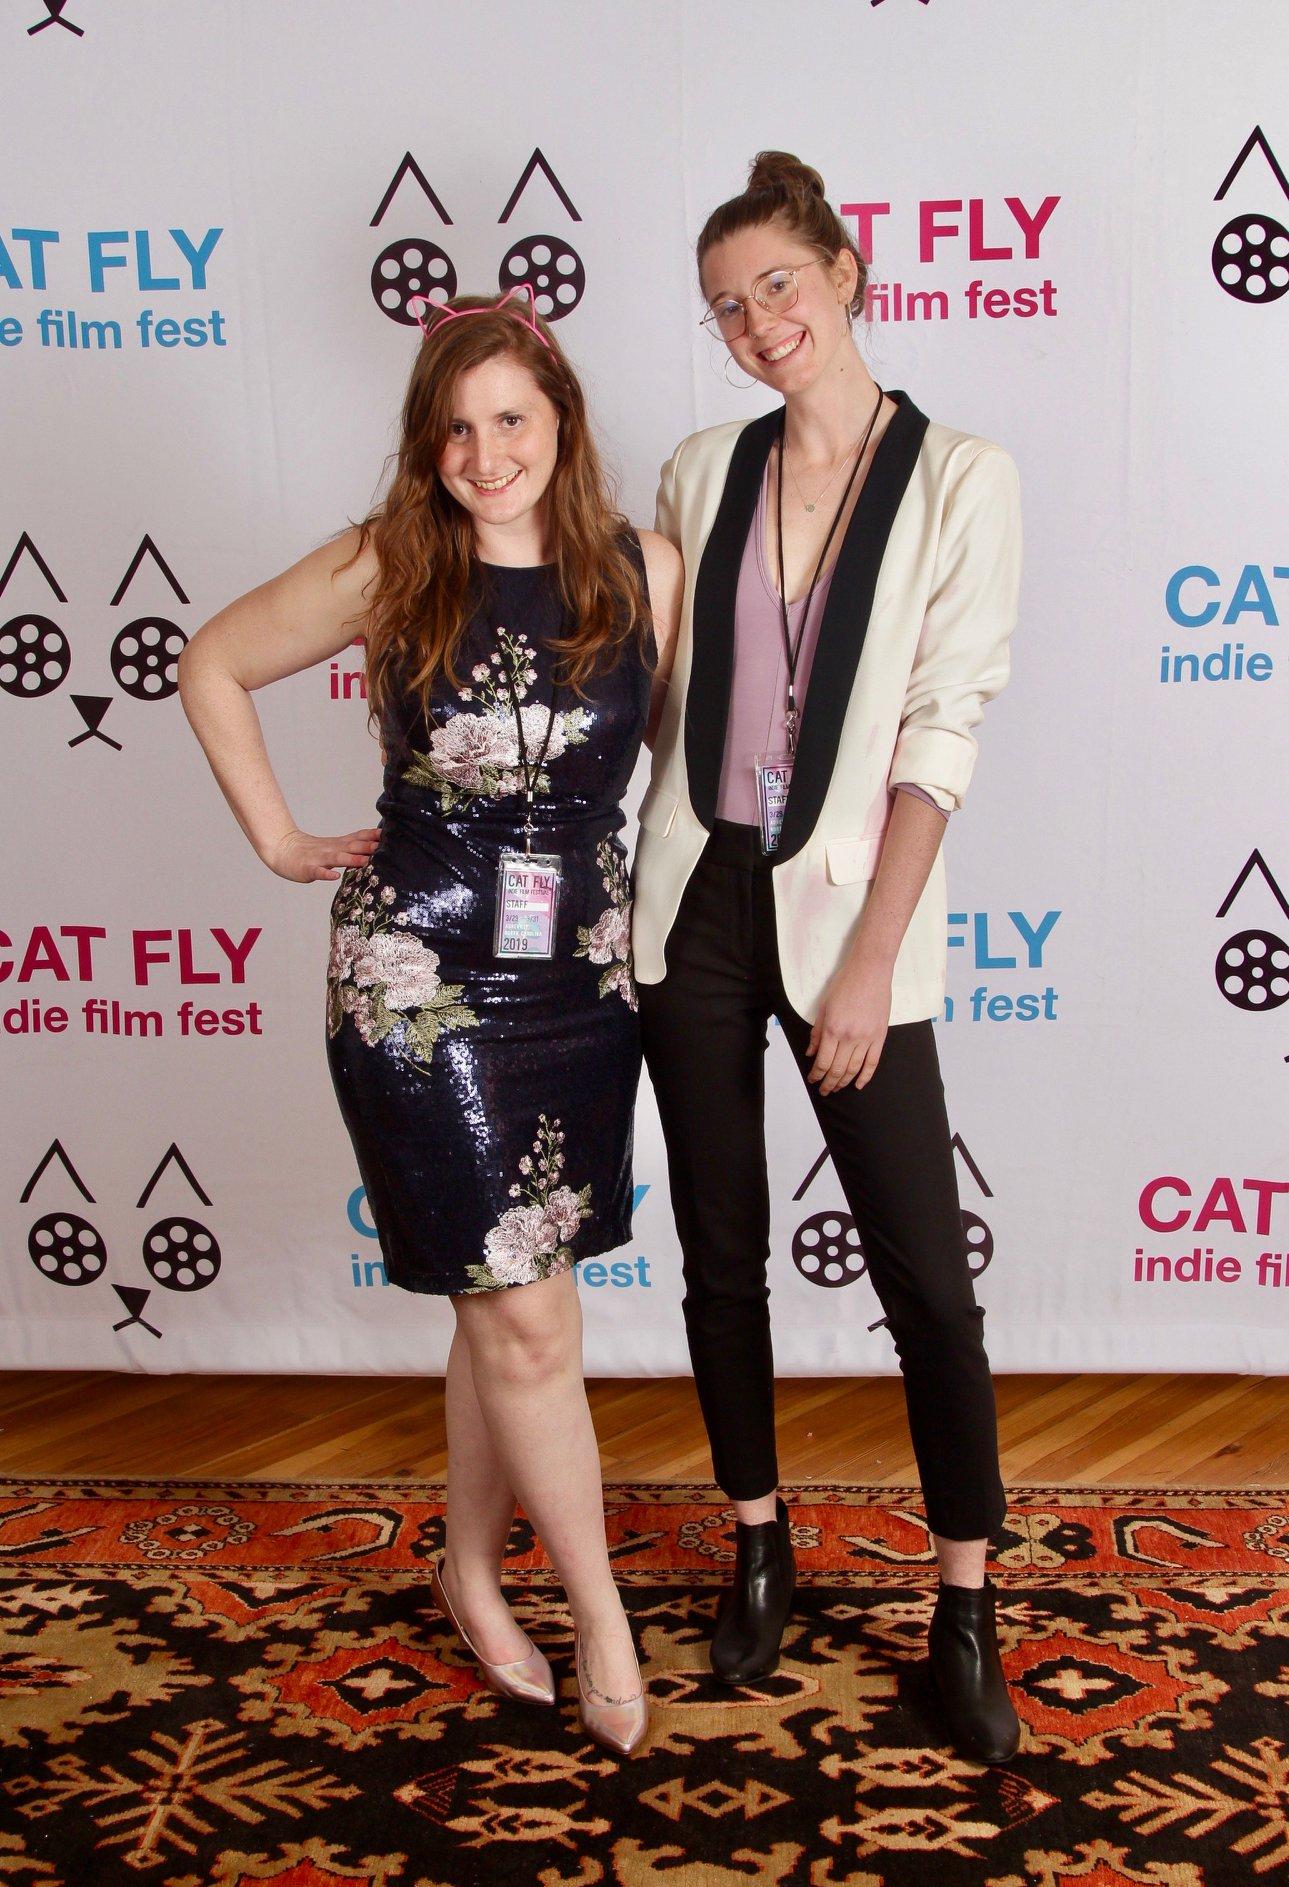 CAT FLY FILM FESTIVAL